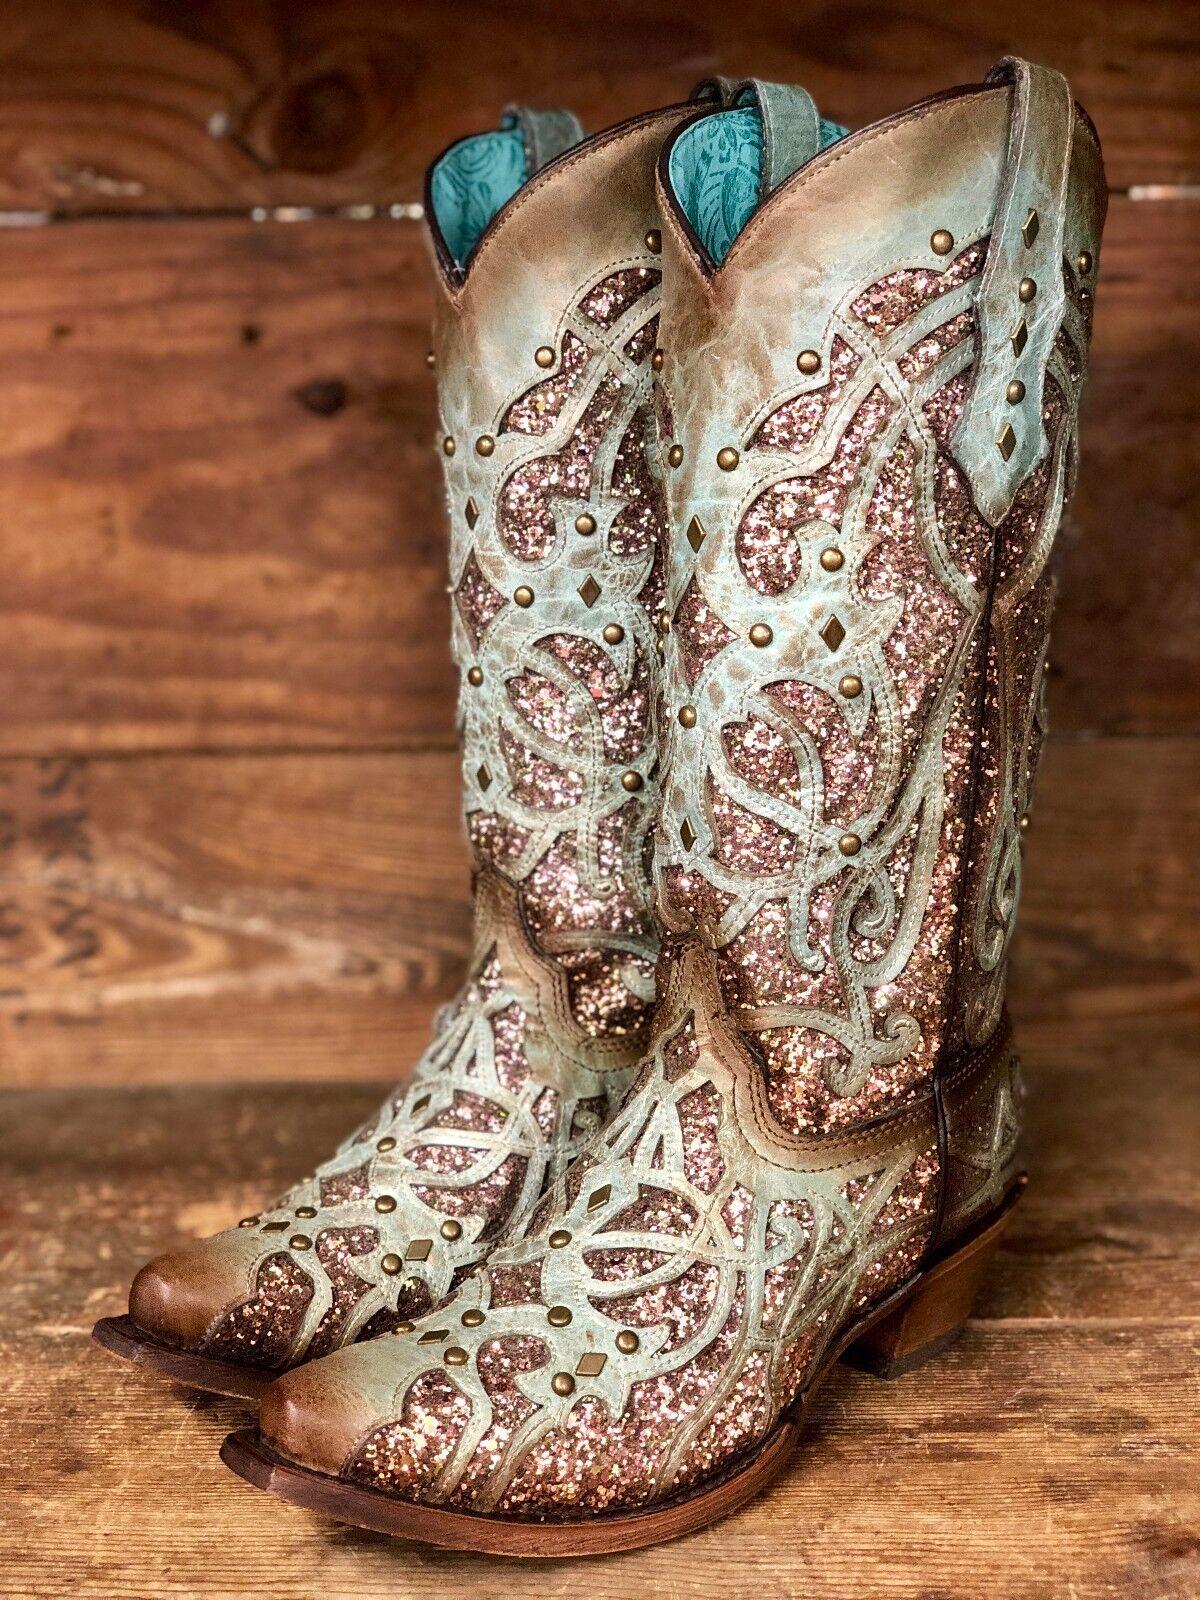 Corral Para Mujer Menta Y Chocolate brillo embutido embutido embutido SNIP Toe Occidental botas C3332  increíbles descuentos